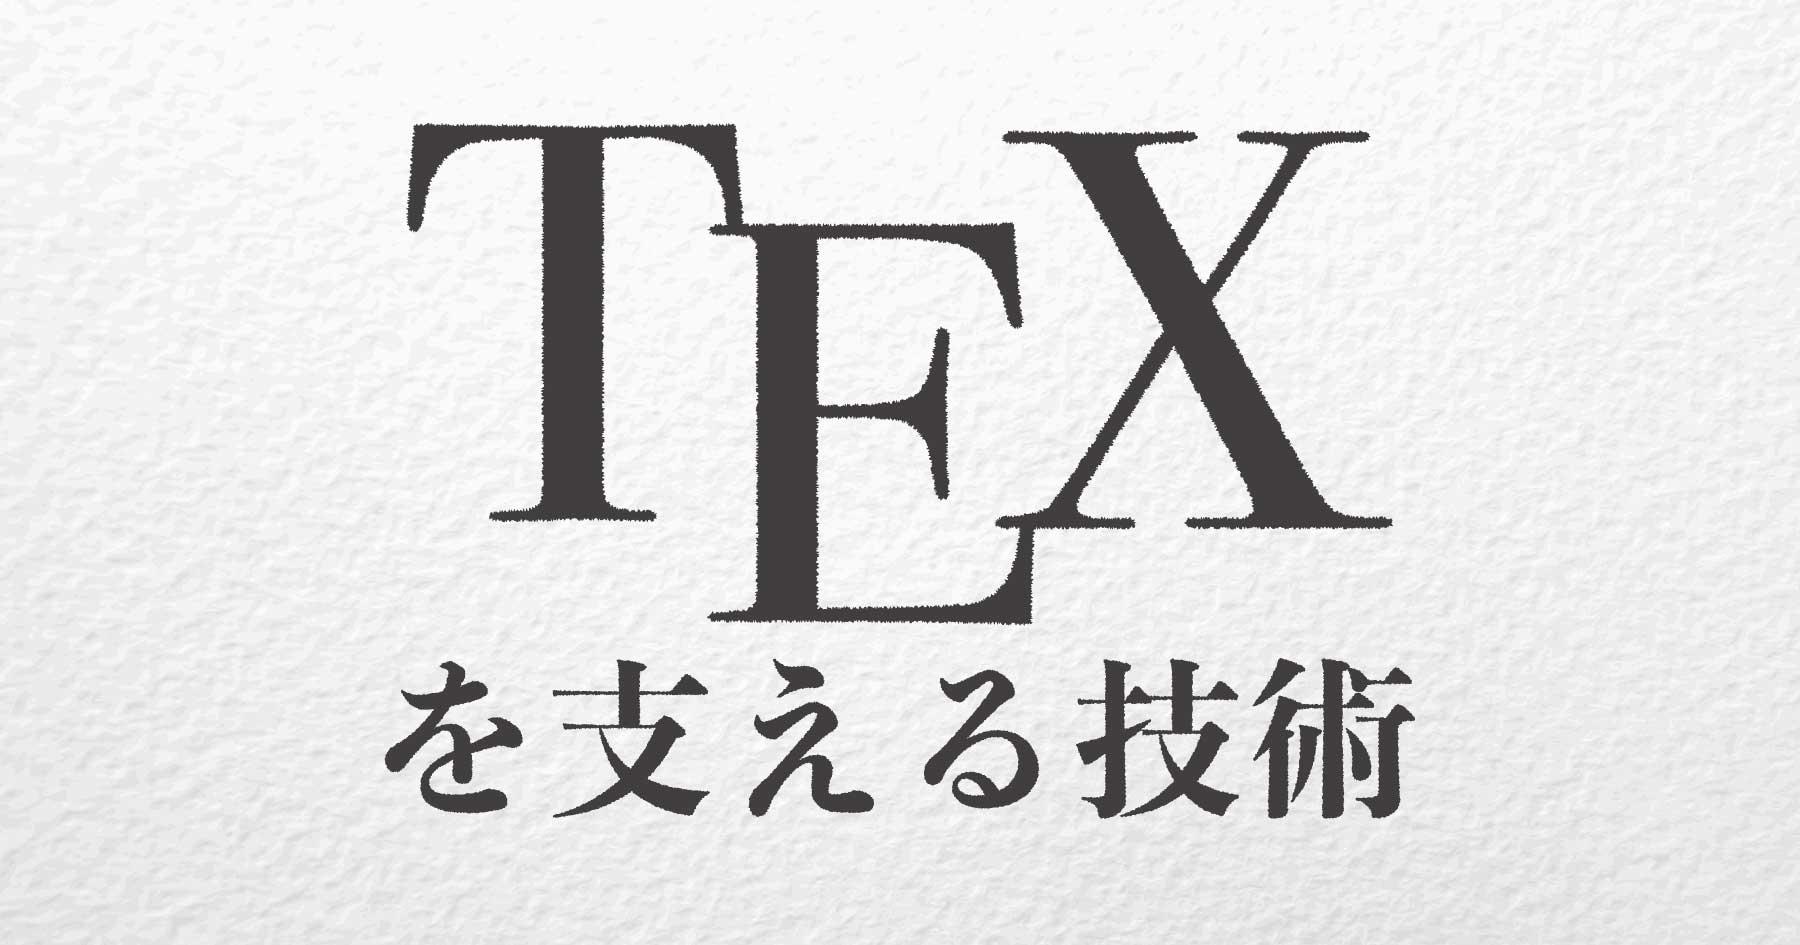 知ってるようで知らないTeXの世界 自分の人生より歴史あるソフトウェア開発をマネジメントする技術